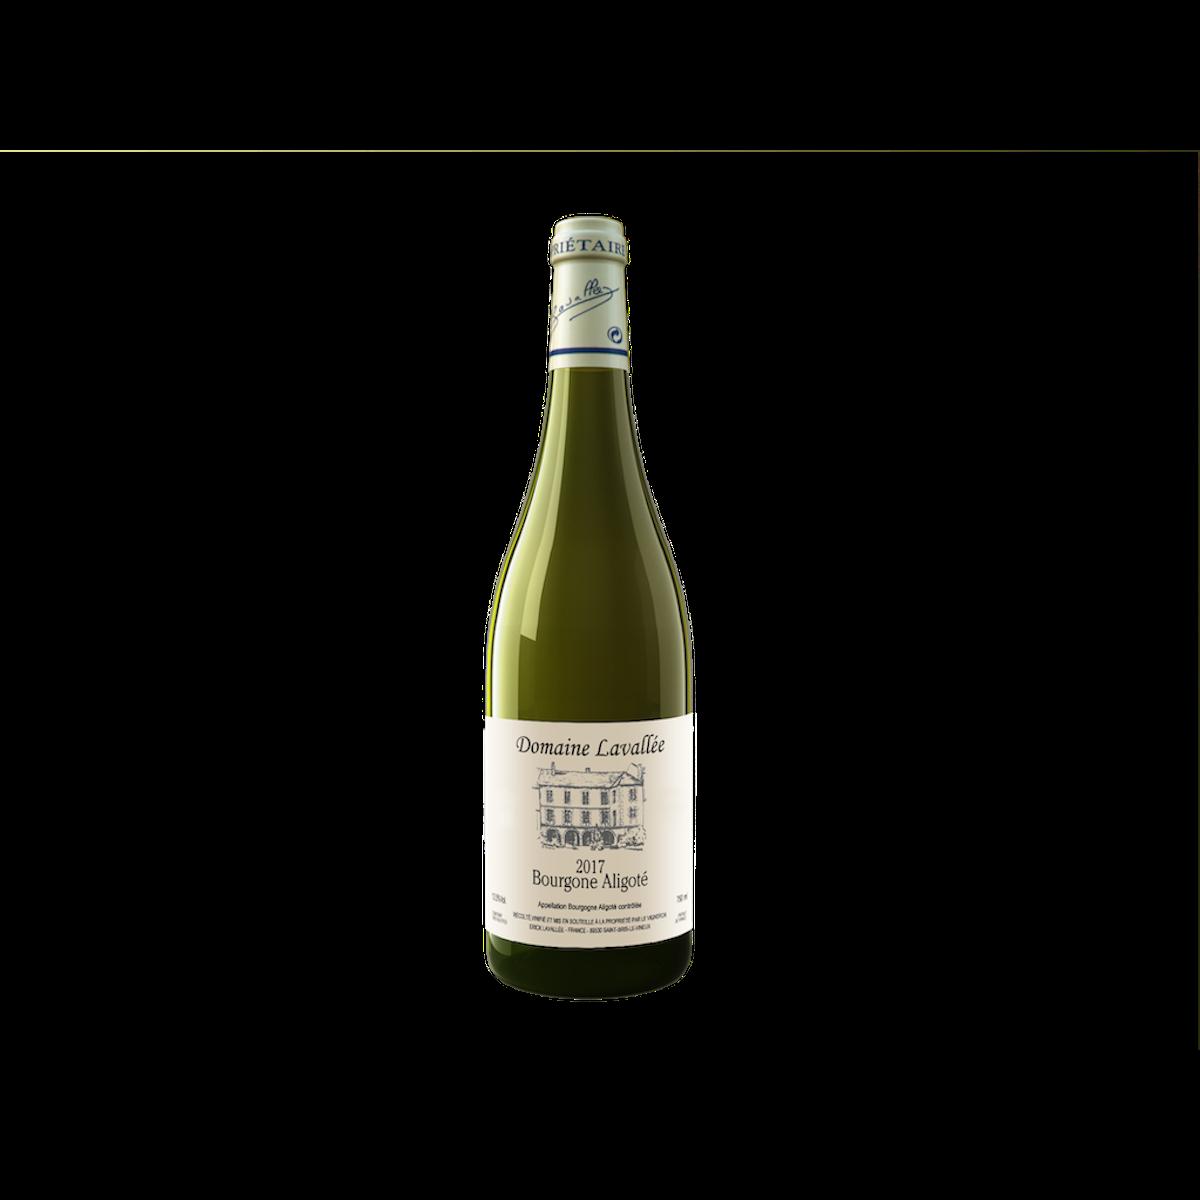 Bourgogne Aligoté, 2017